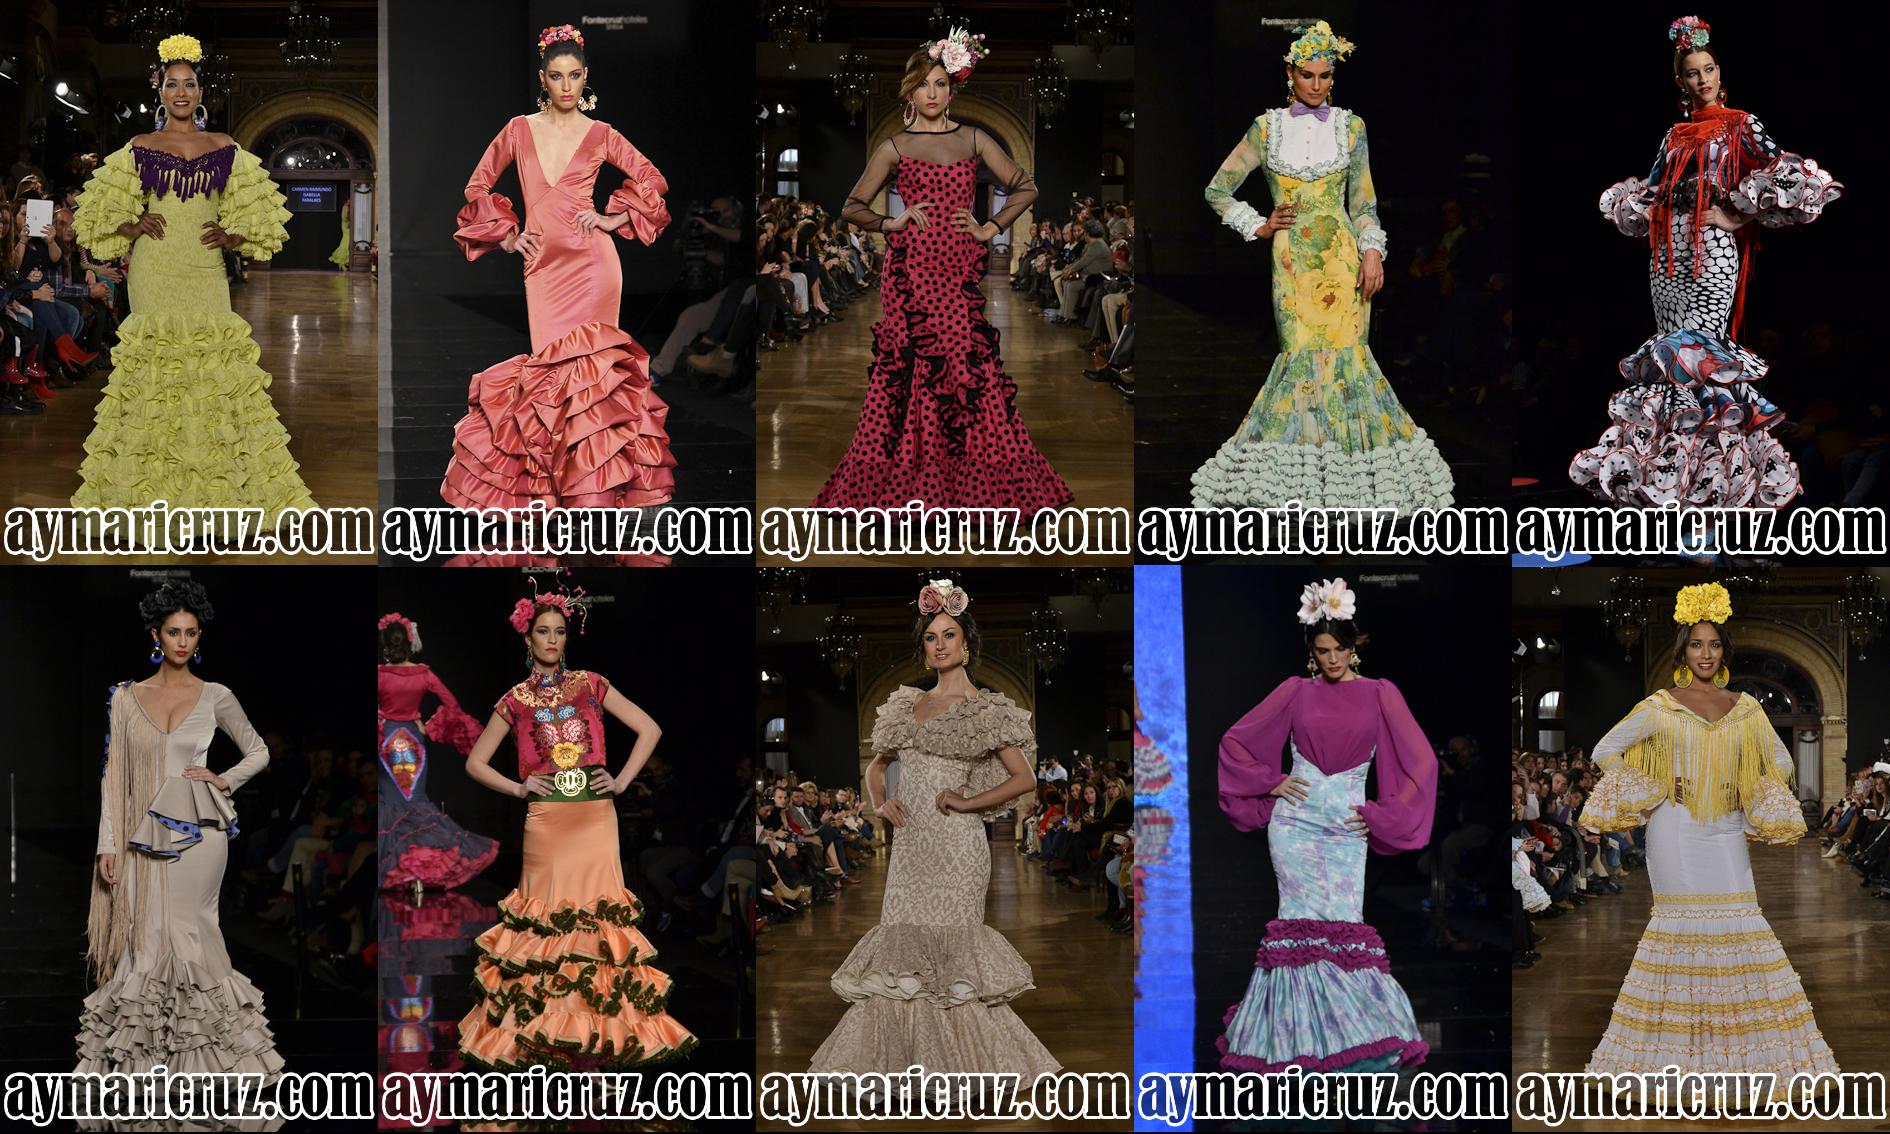 Rebajas Flamencas: 10 trajes para regalar en Navidad